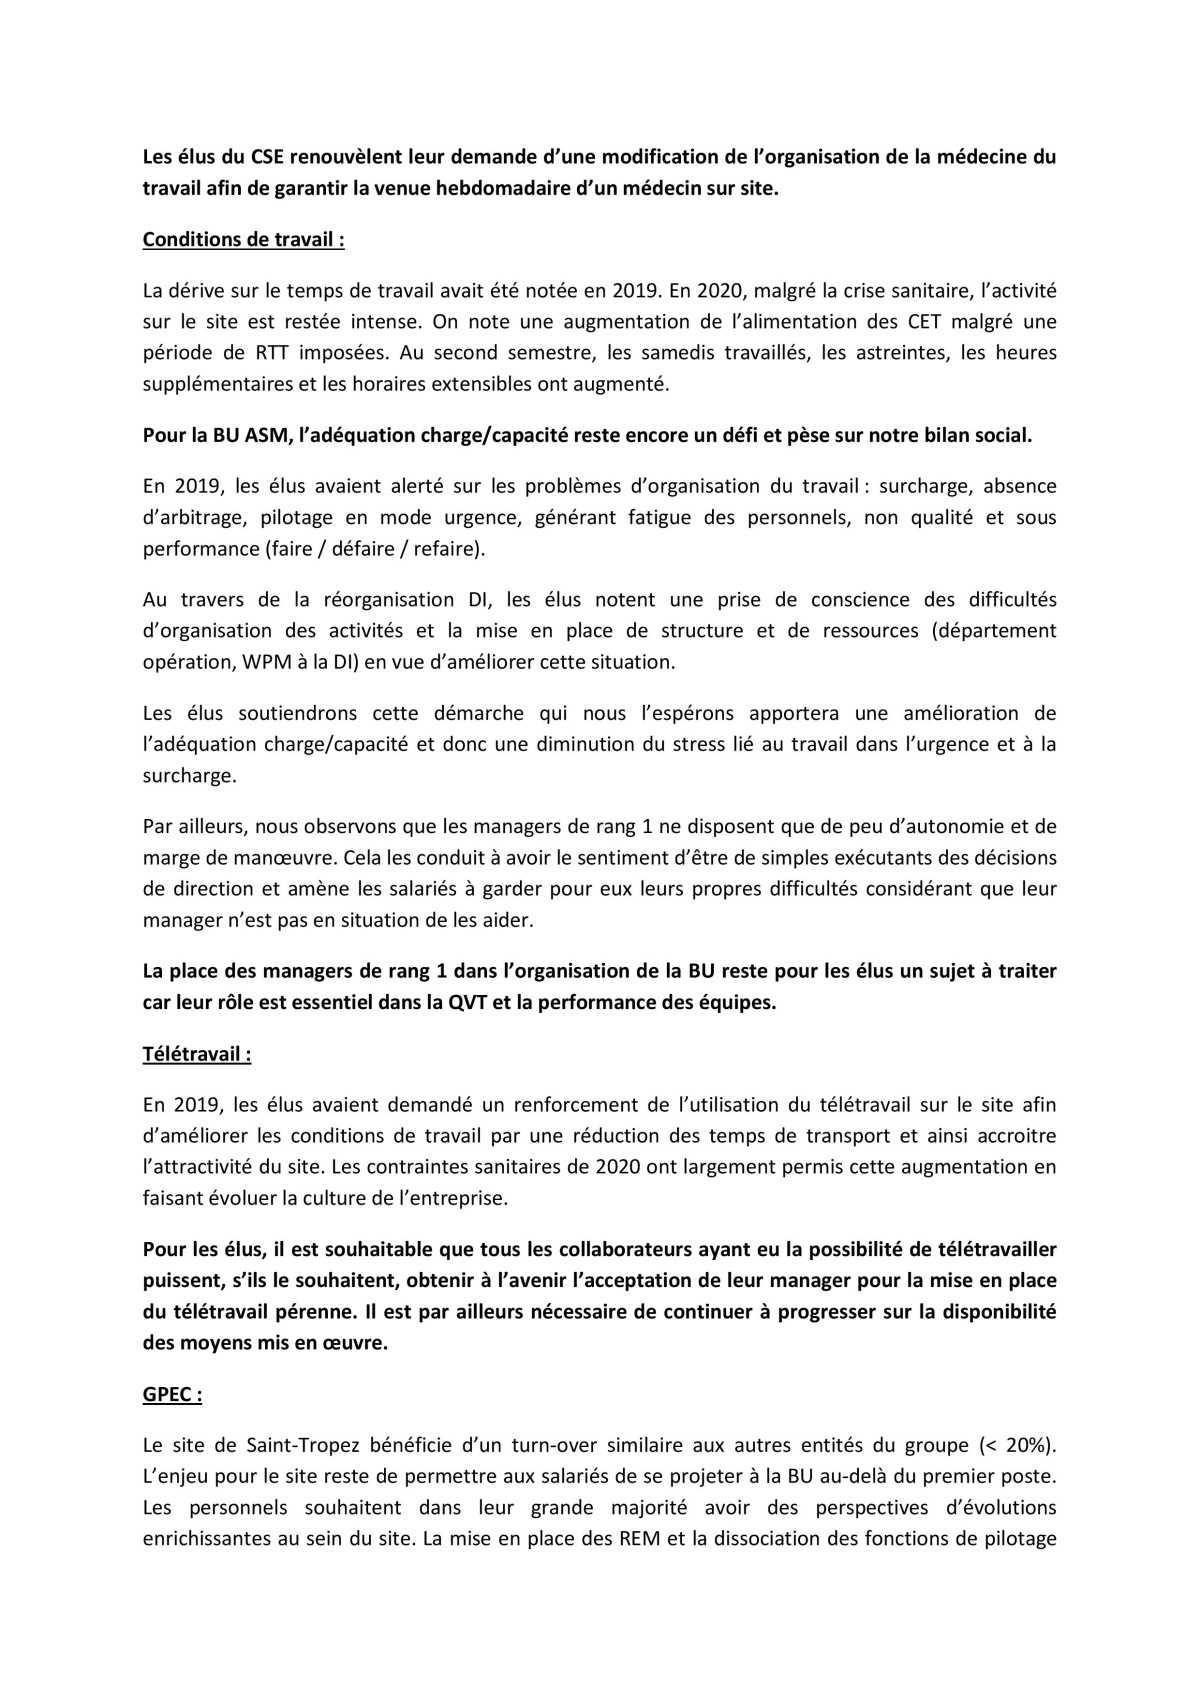 Réunion du 8 juin 2021 - consultation du CSE sur le bilan social 2020